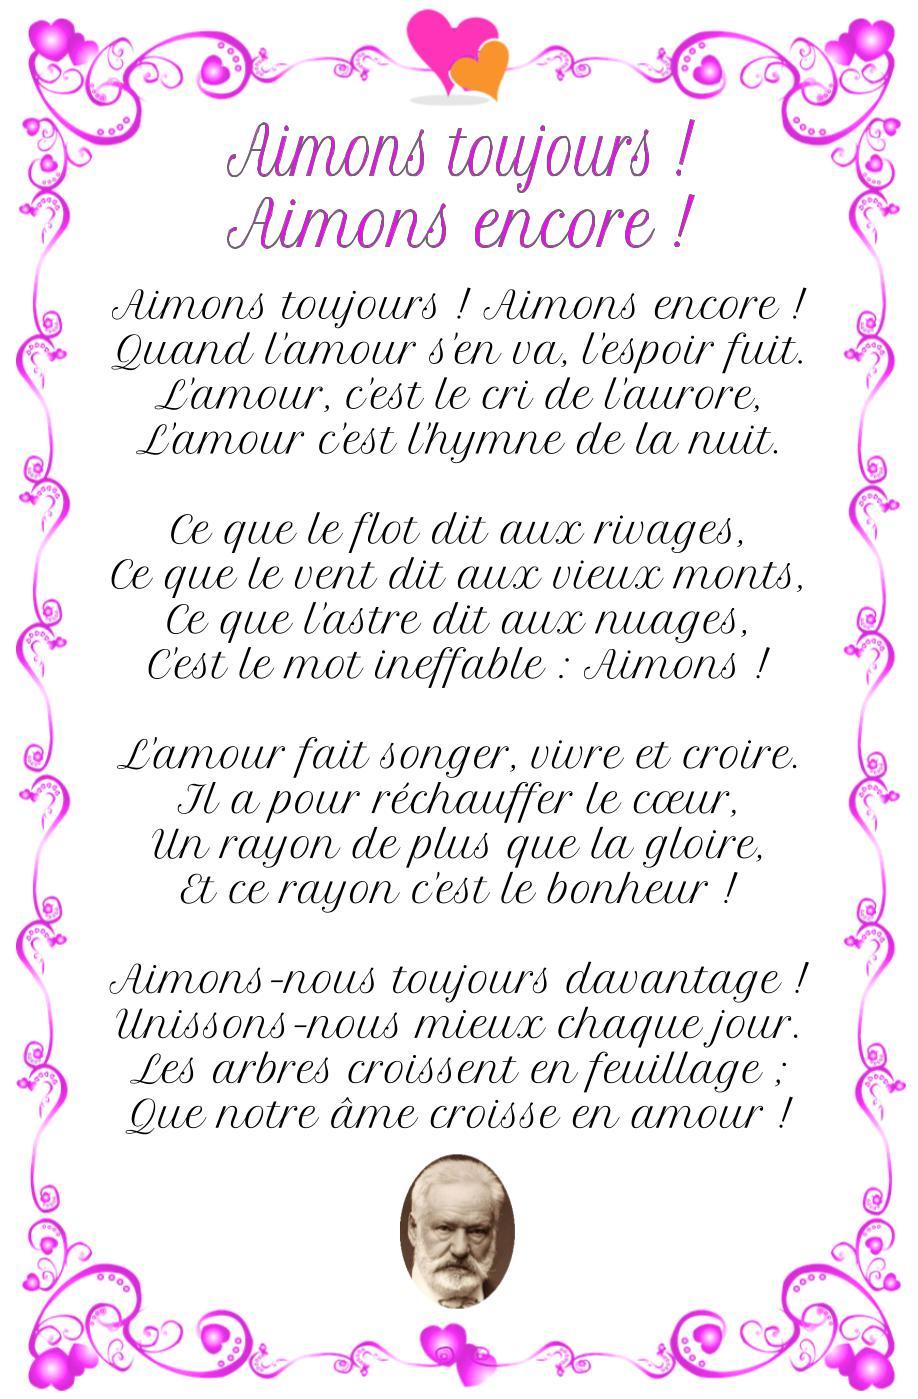 Poème : Aimons toujours, de Victor Hugo